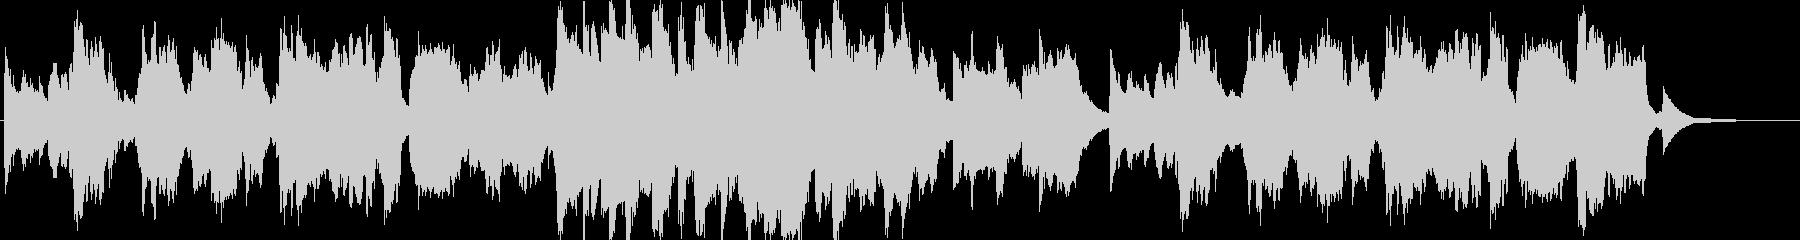 ピアノとフルート主体の優しいヒーリングbの未再生の波形